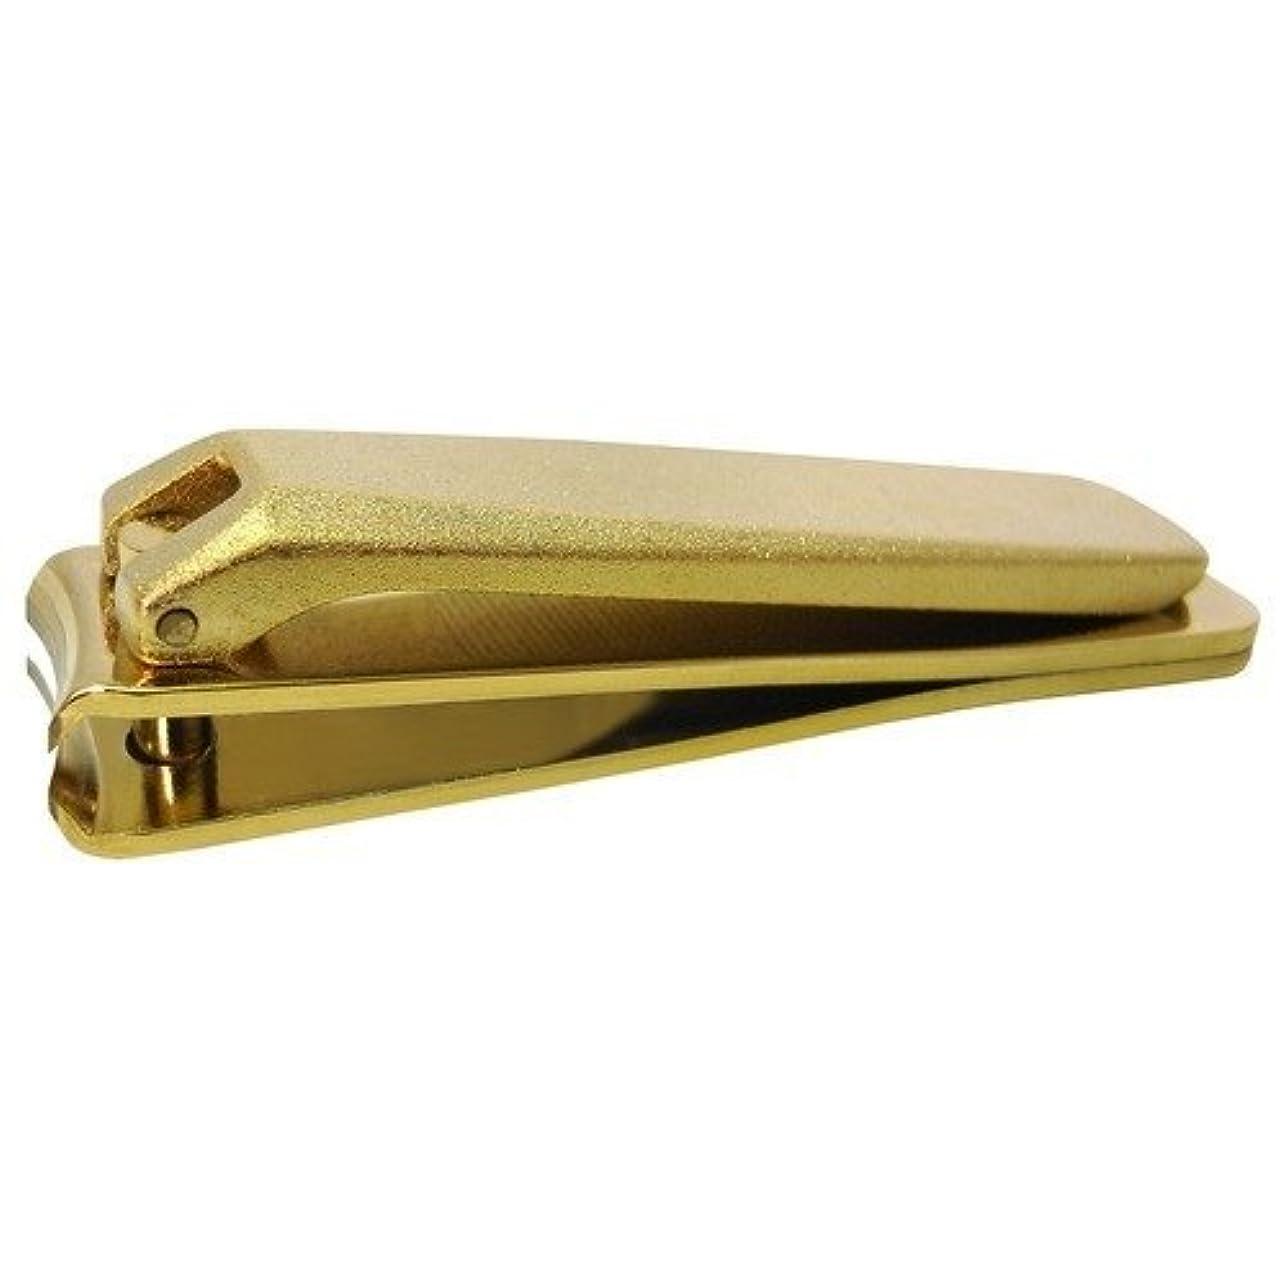 マインドフル汚染する古いKD-029 関の刃物 ゴールド爪切 大 カバー無